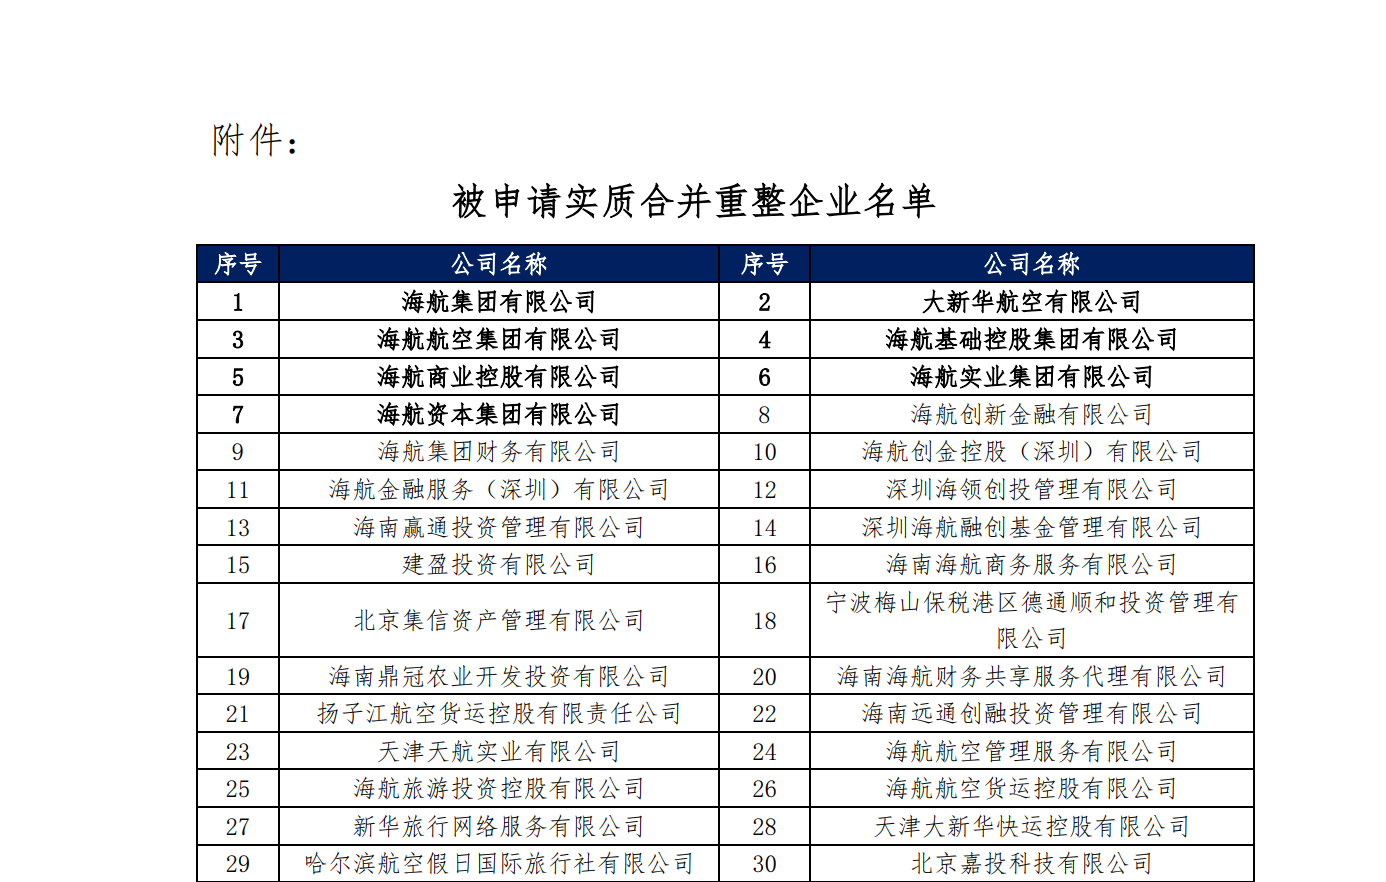 海航集团325家公司申请破产重组,公司大股东违规占用资金逾千亿 海航集团最大股东是谁